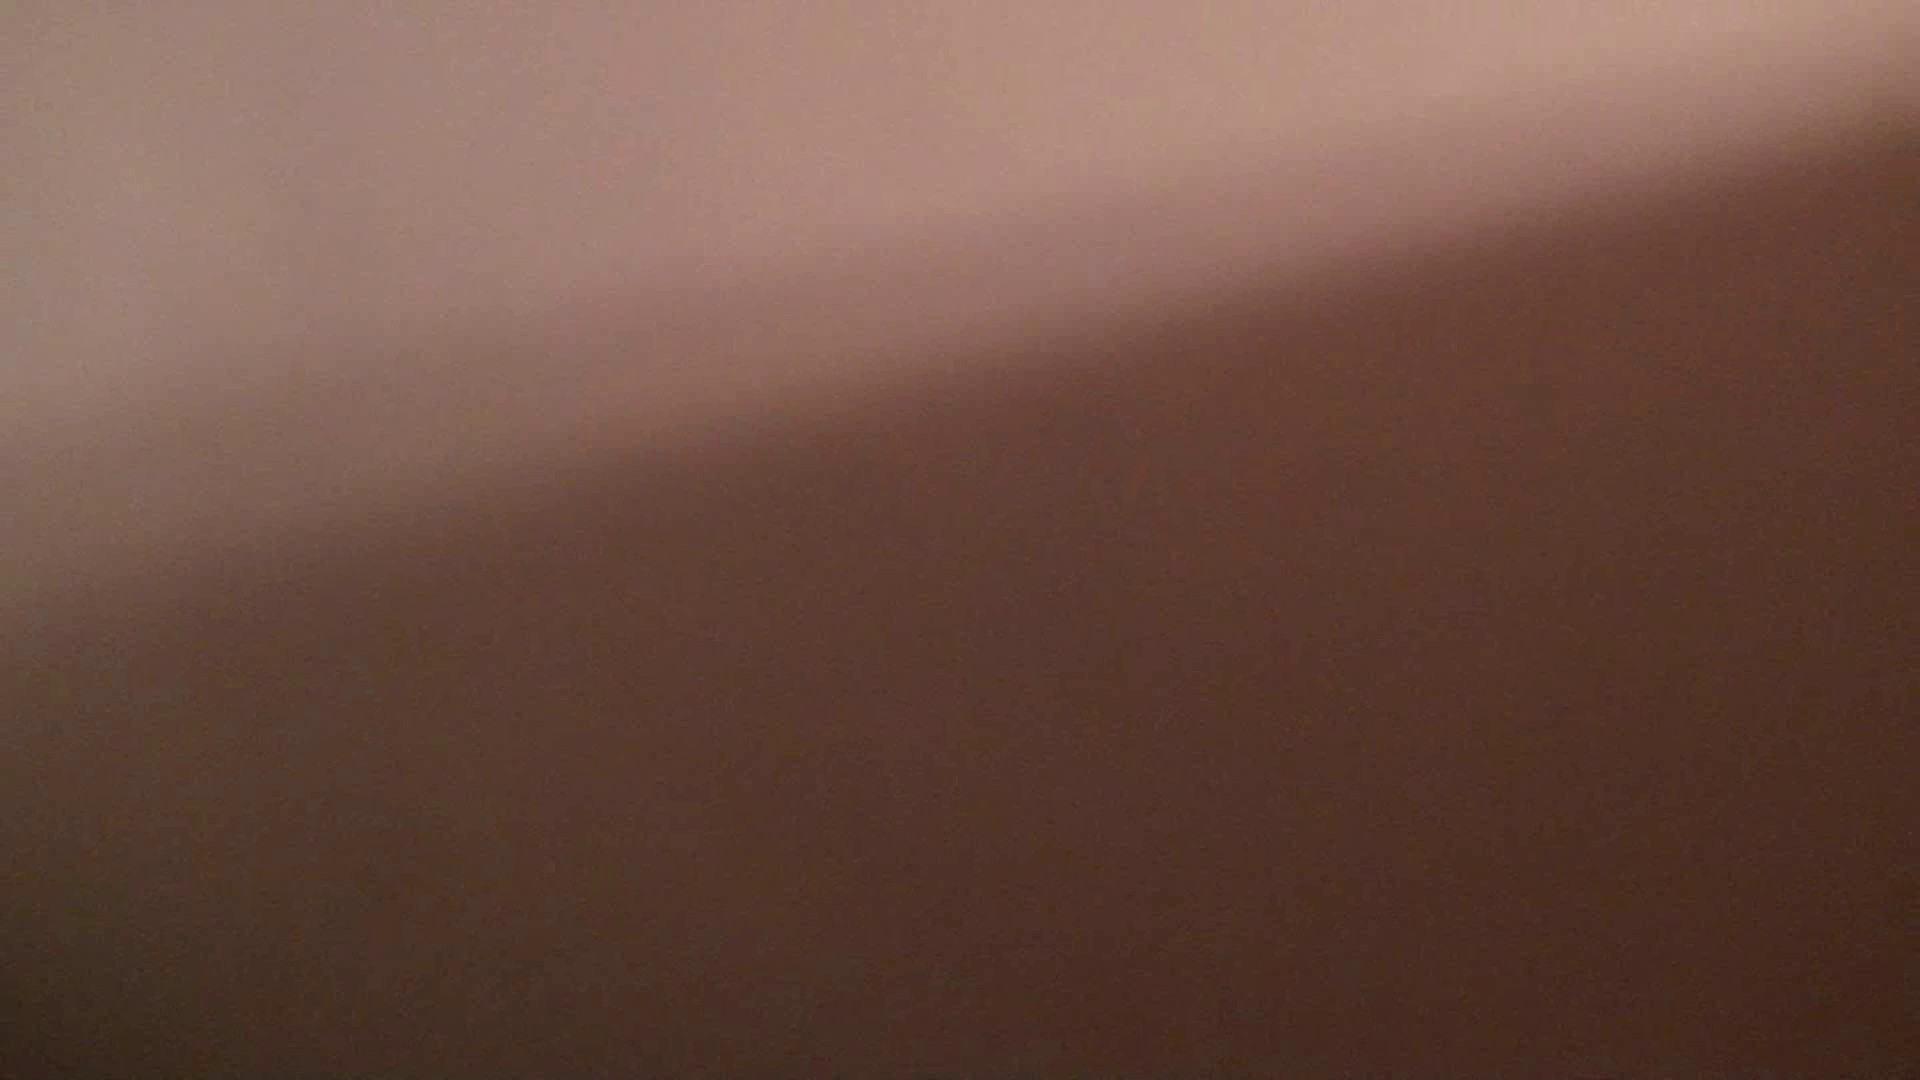 洗面所内潜入!同級生が同級生を盗撮! vol.02 盗撮編 エロ画像 80枚 59